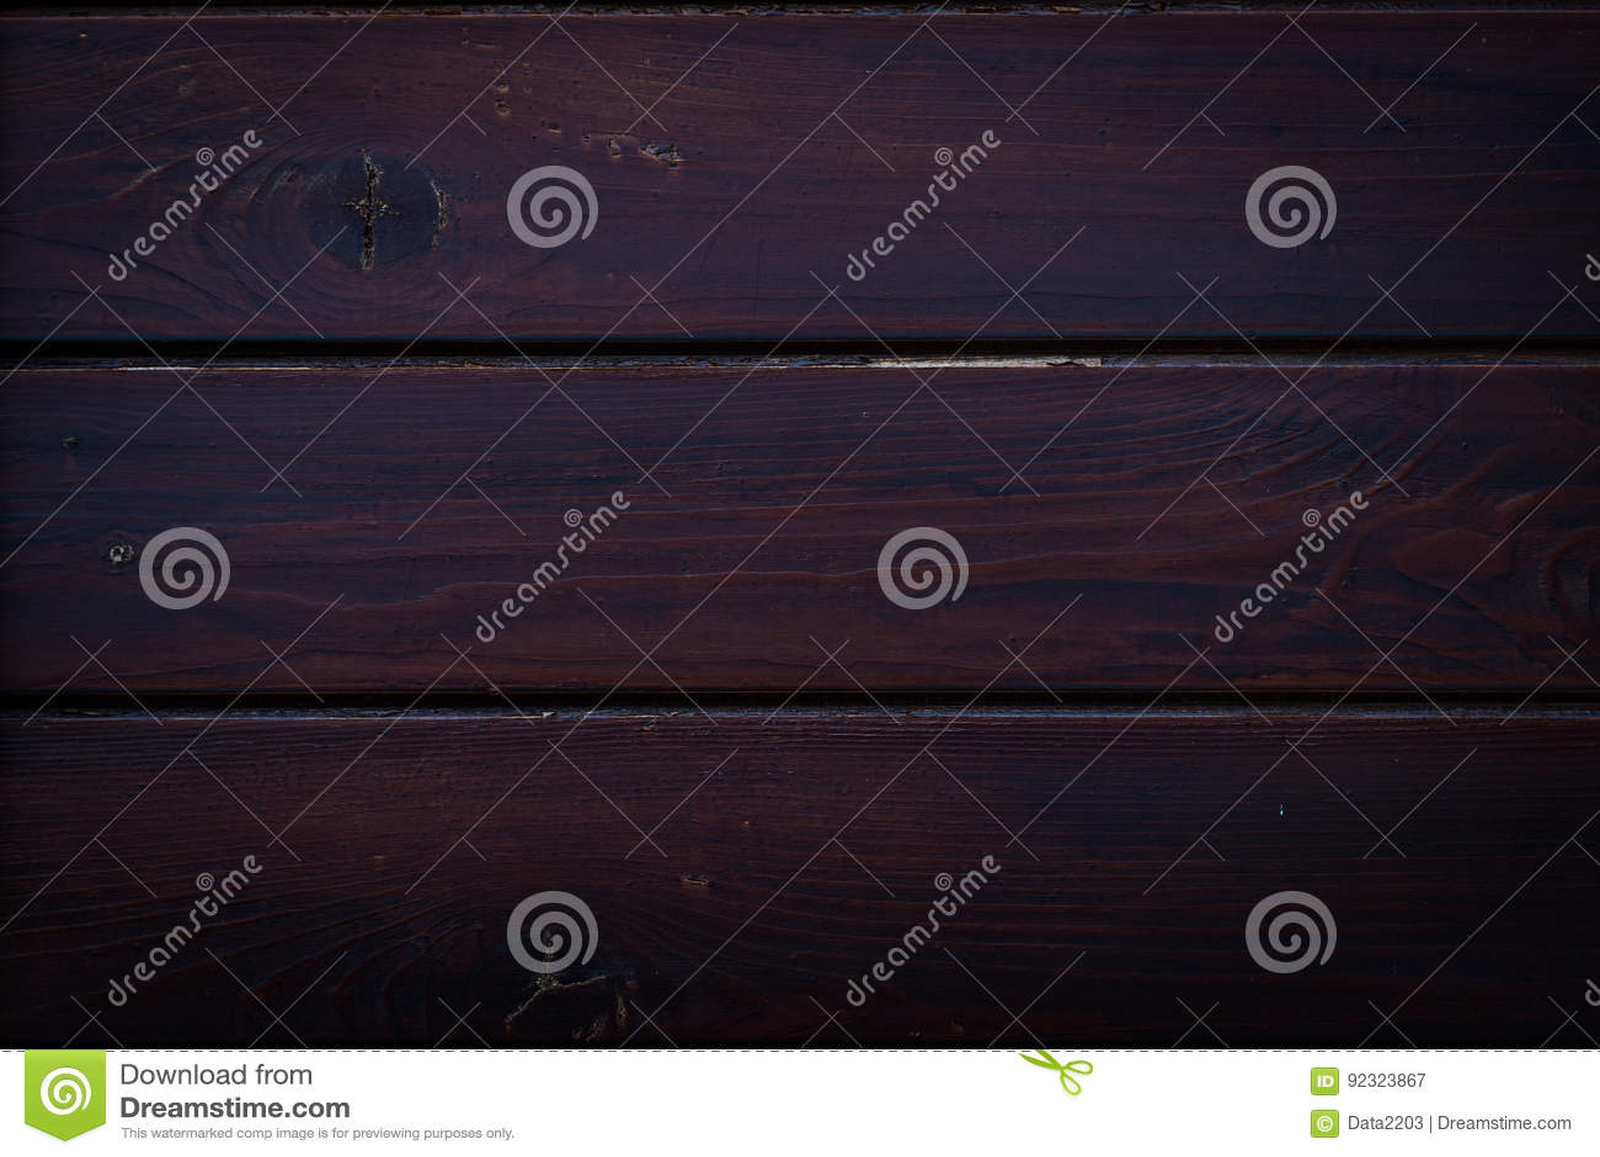 Dark wood texture background